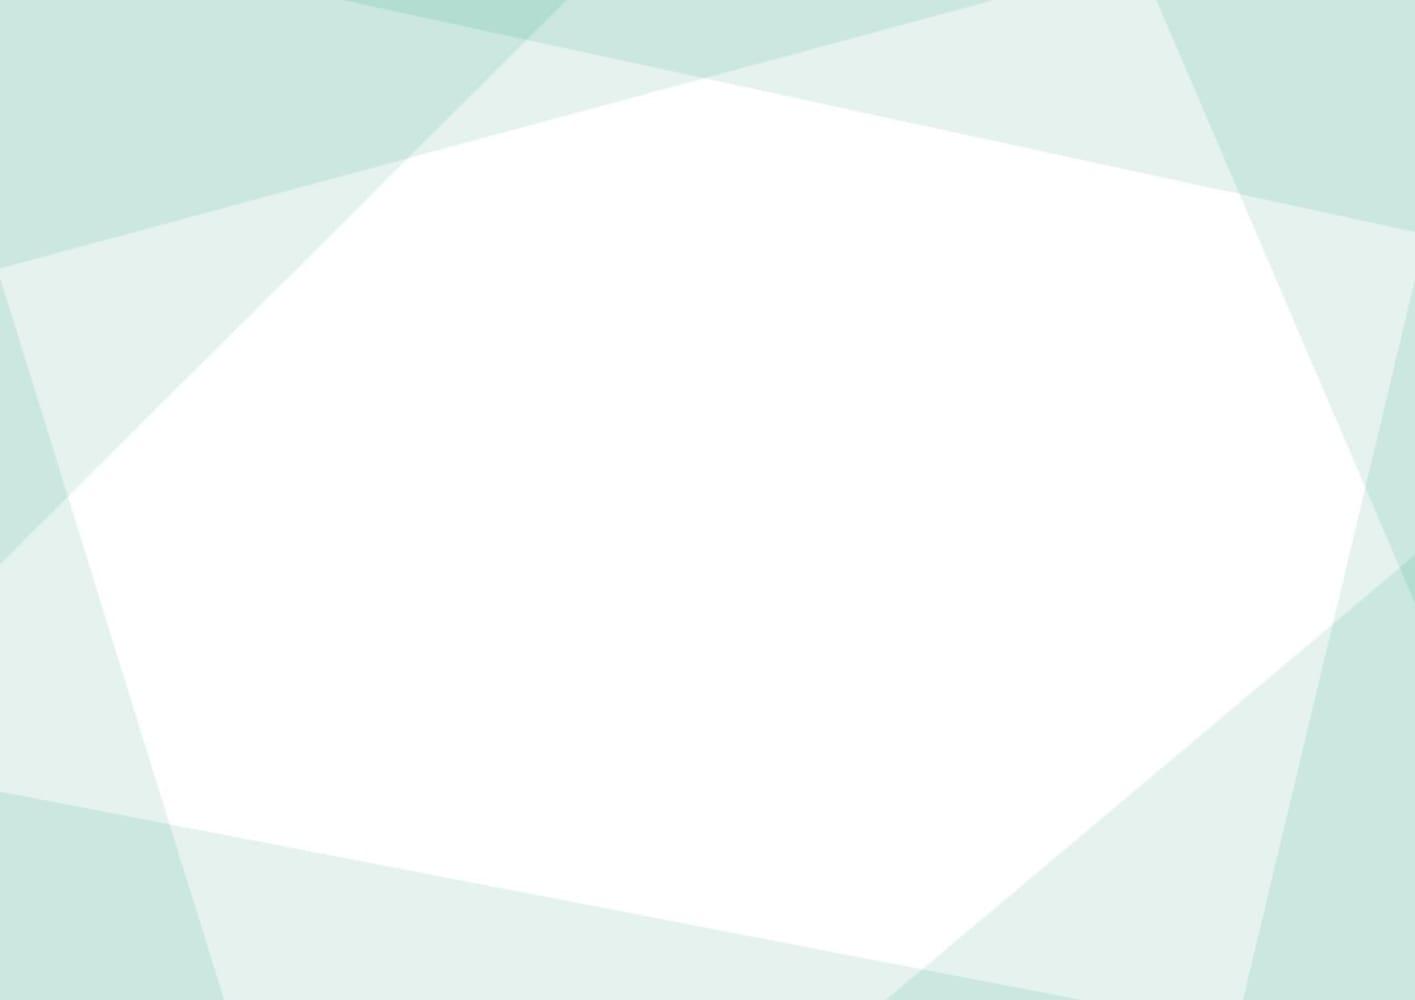 水彩 パワーポイント フリー 素材 背景 シンプル | www.thetupian